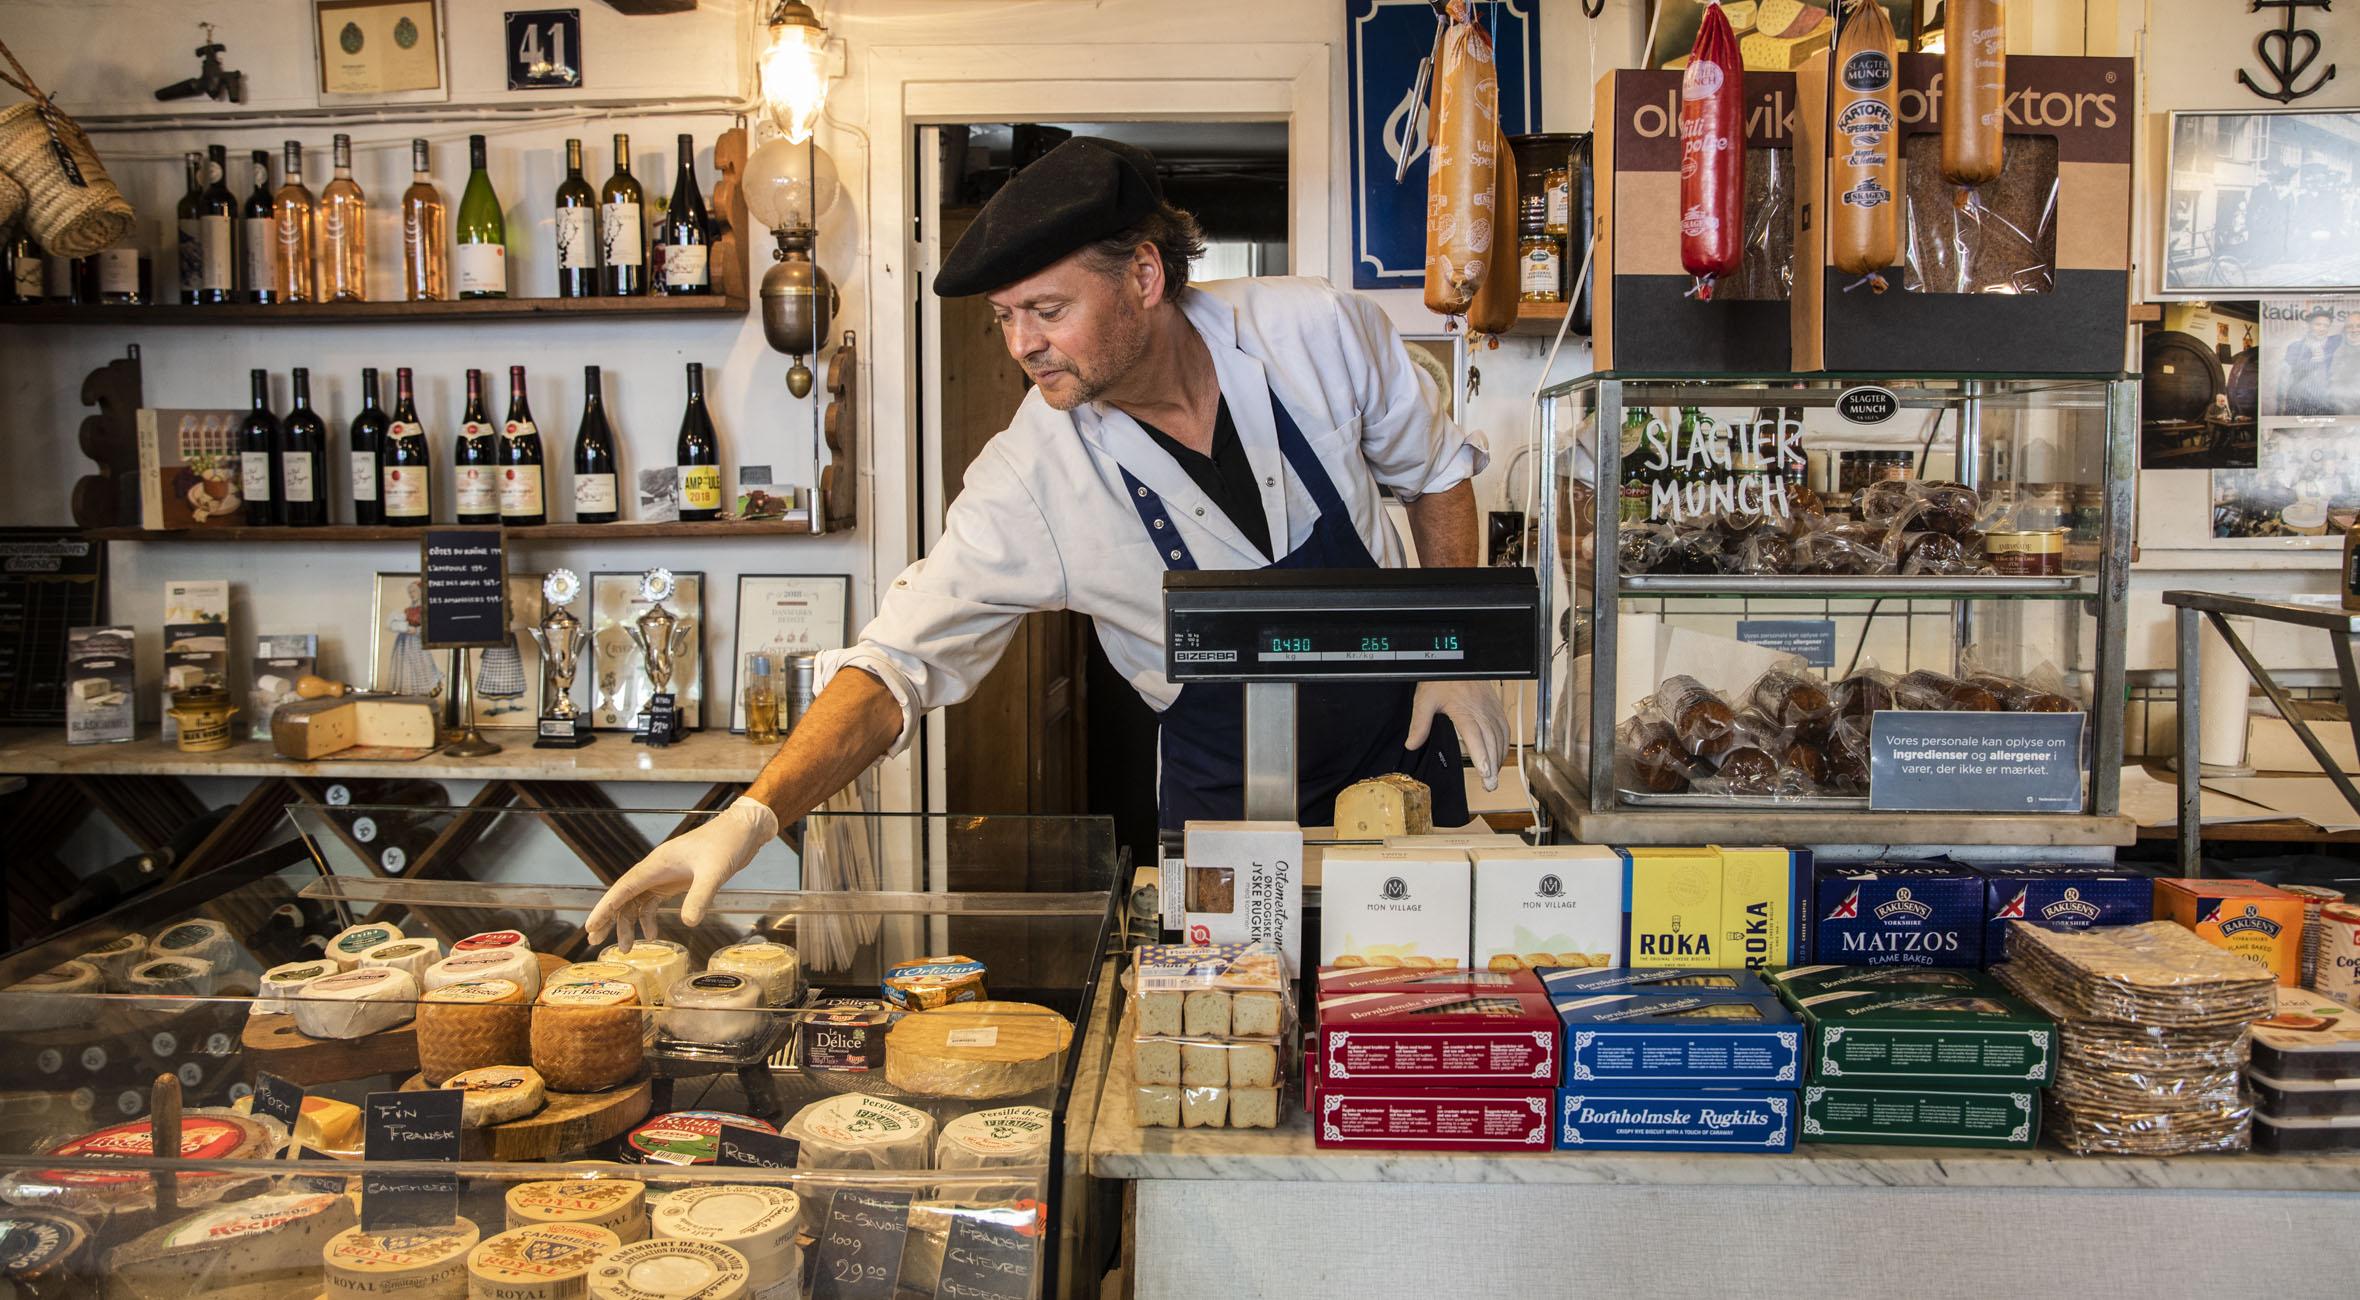 Frit valg til alt hos Ostekælderen i Indre By – Landets ældste ostebutik byder på alt fra Vesterhavsost til gruyère, burrata, lufttørrede skinker, paté og salami